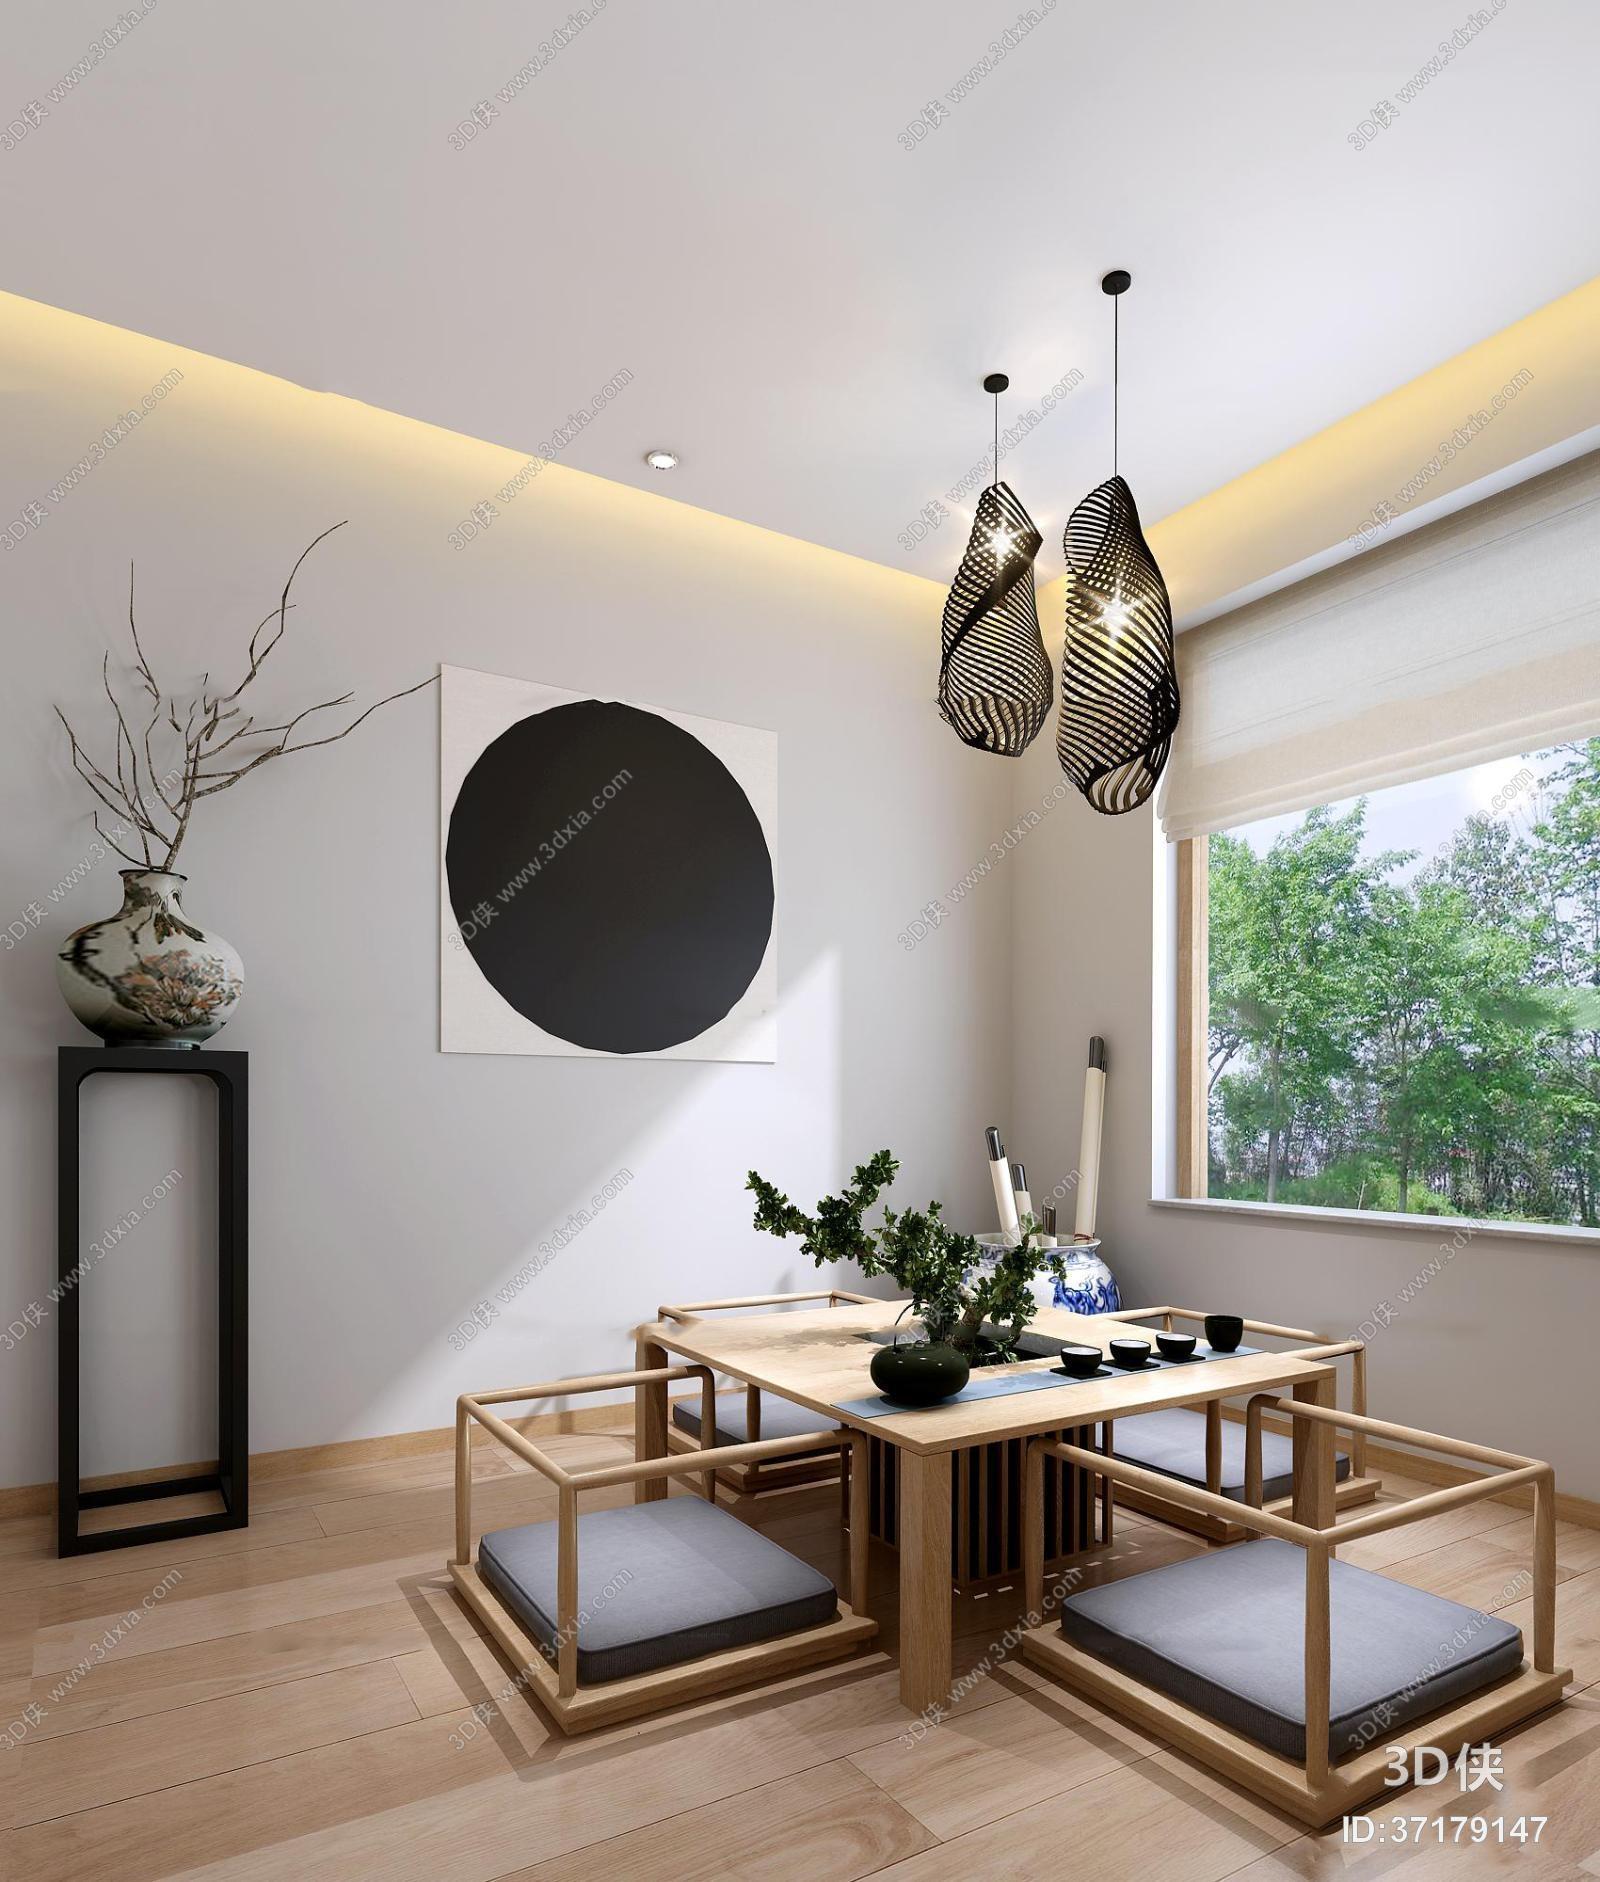 其它综合效果图素材免费下载,本作品主题是日式茶室3d模型,编号是